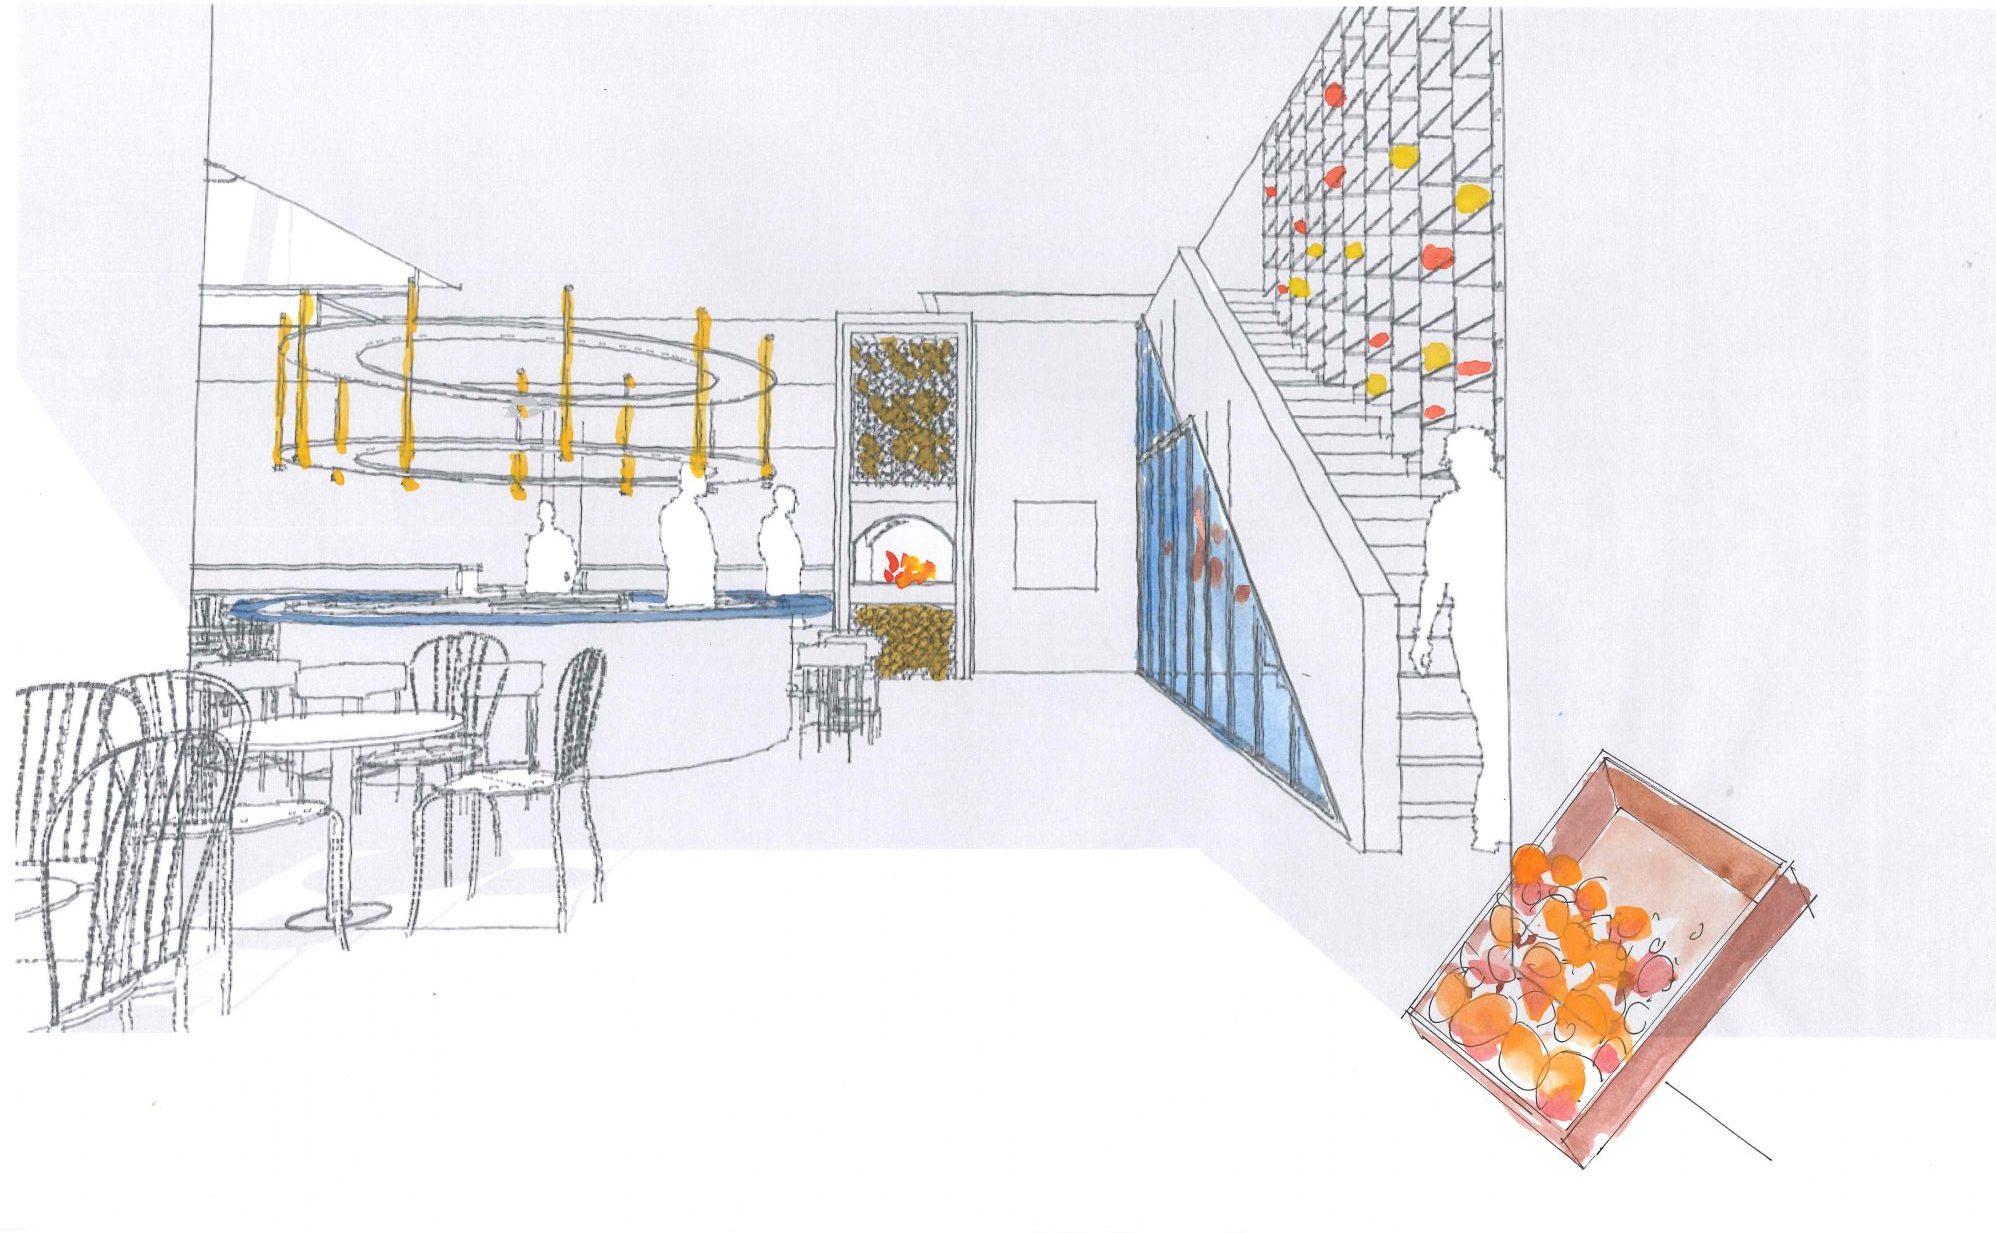 Perspektivskiss för restaurangen i IKEA Museum, Älmhult. Ombyggnadsförslag av Rex Arkitektbyrå.